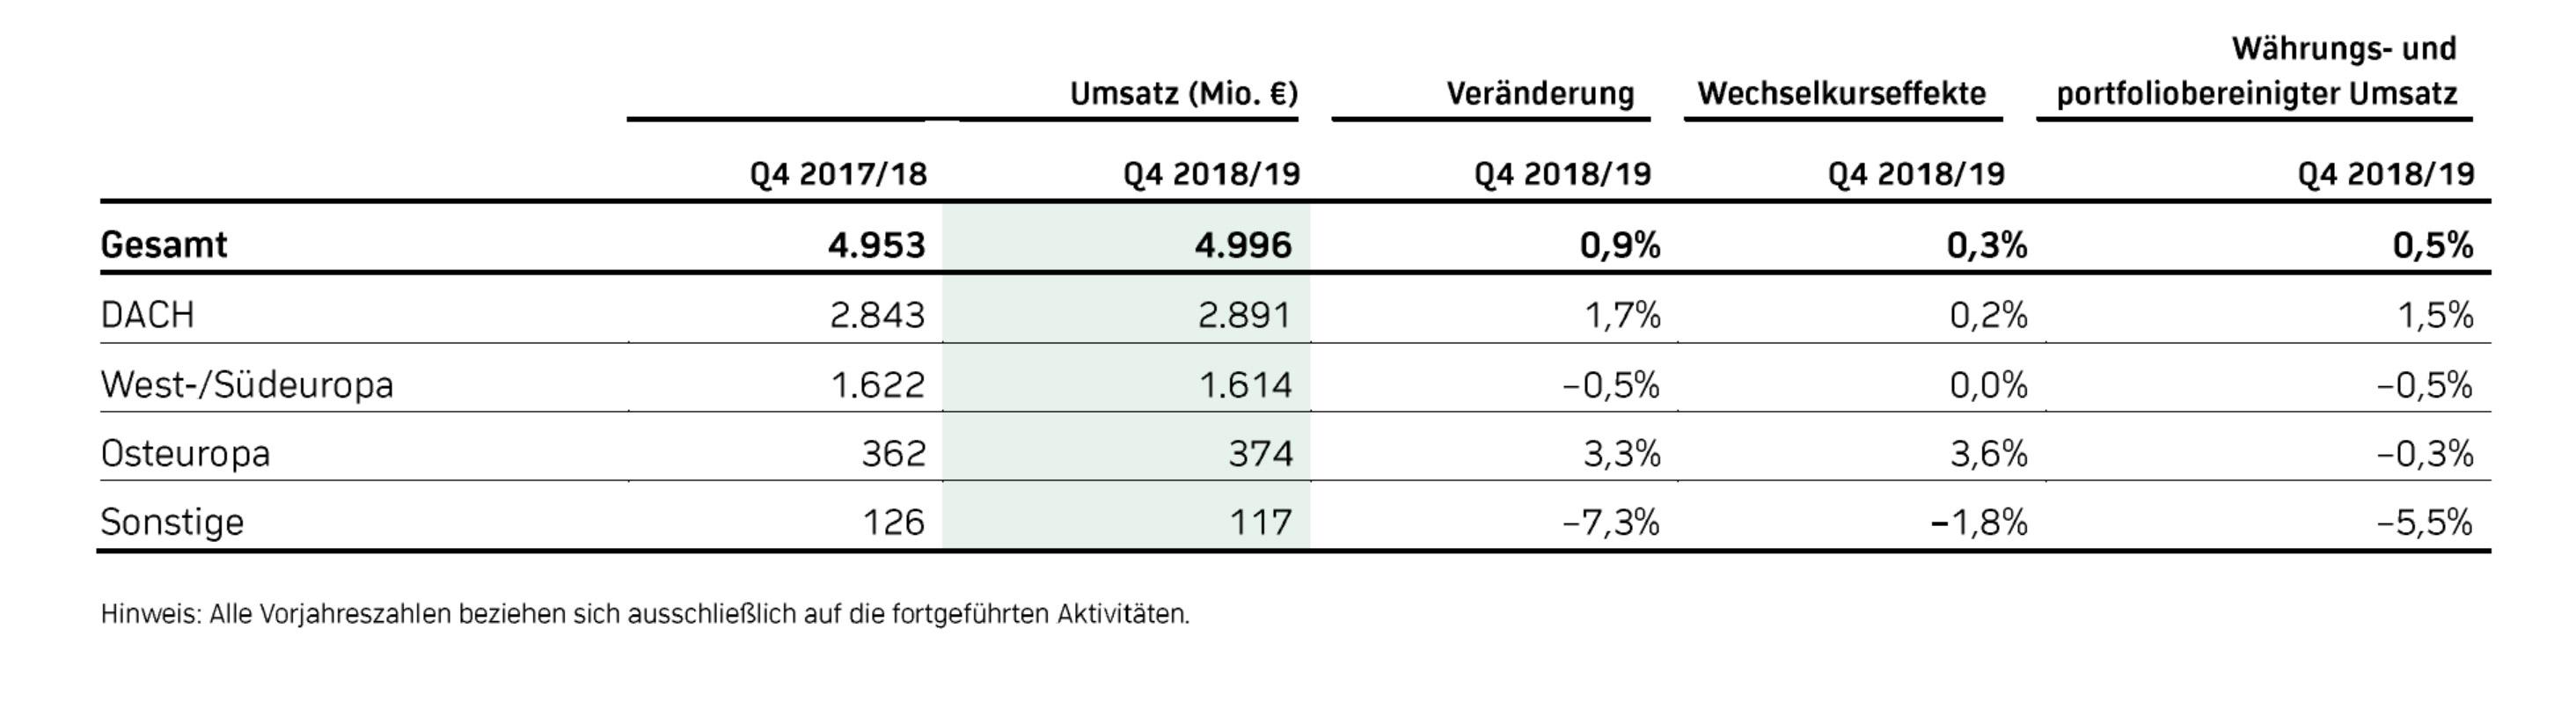 Ceconomy Umsatz 2018/19 Q4